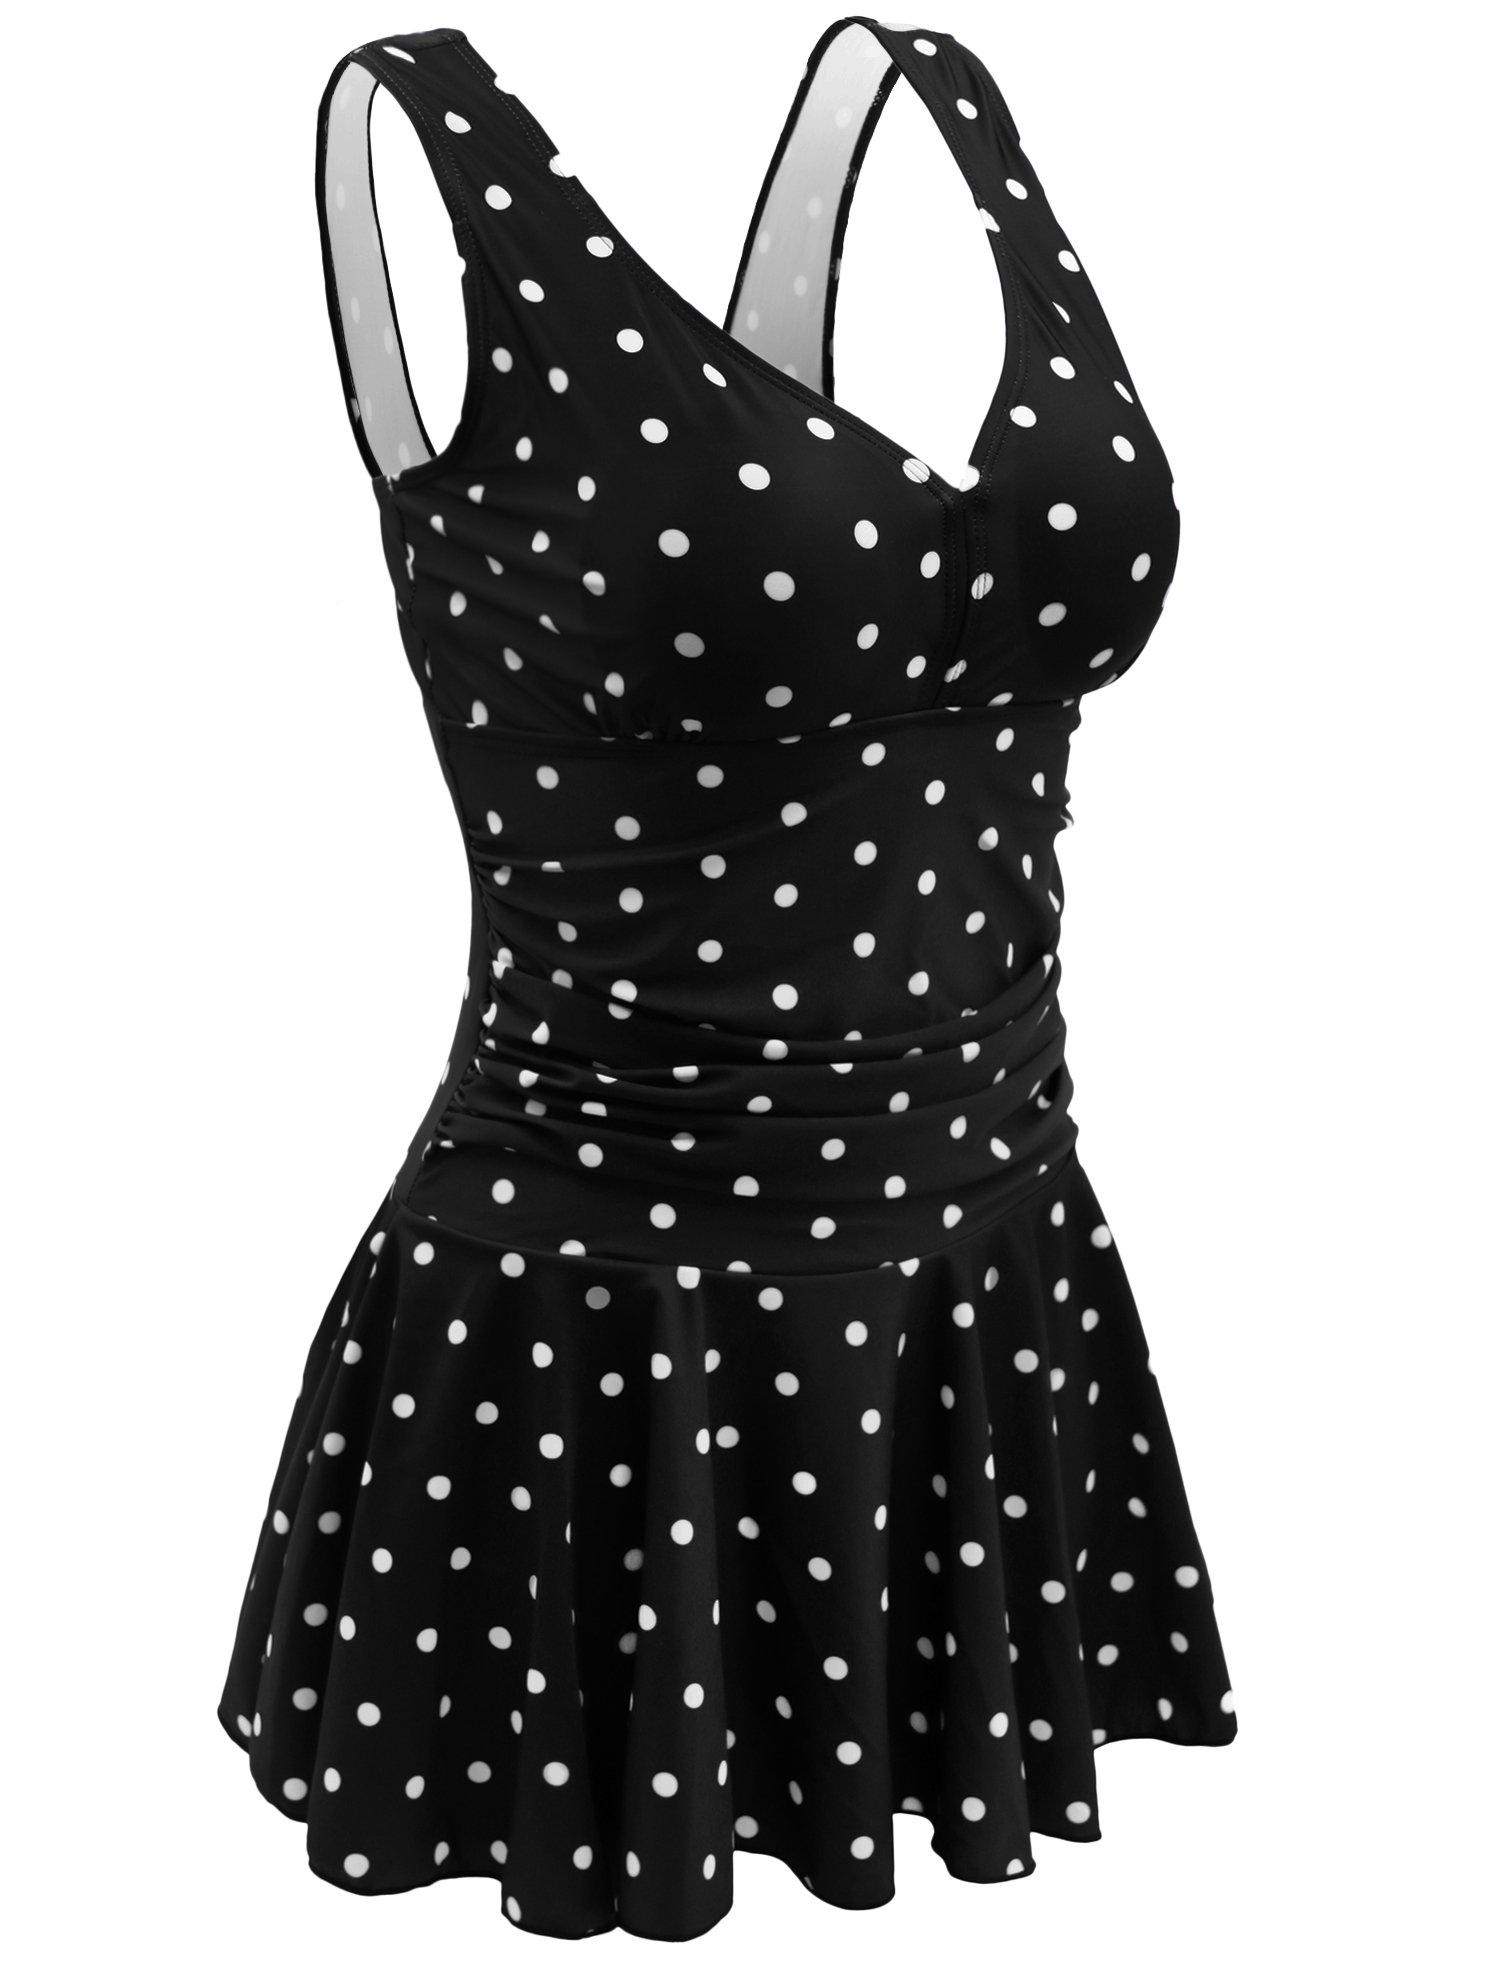 AONTUS Swim Dress Polka Dot Floral Shaping Body One Piece Swim Dresses Swimsuit (XXL,Black Polka Dot)